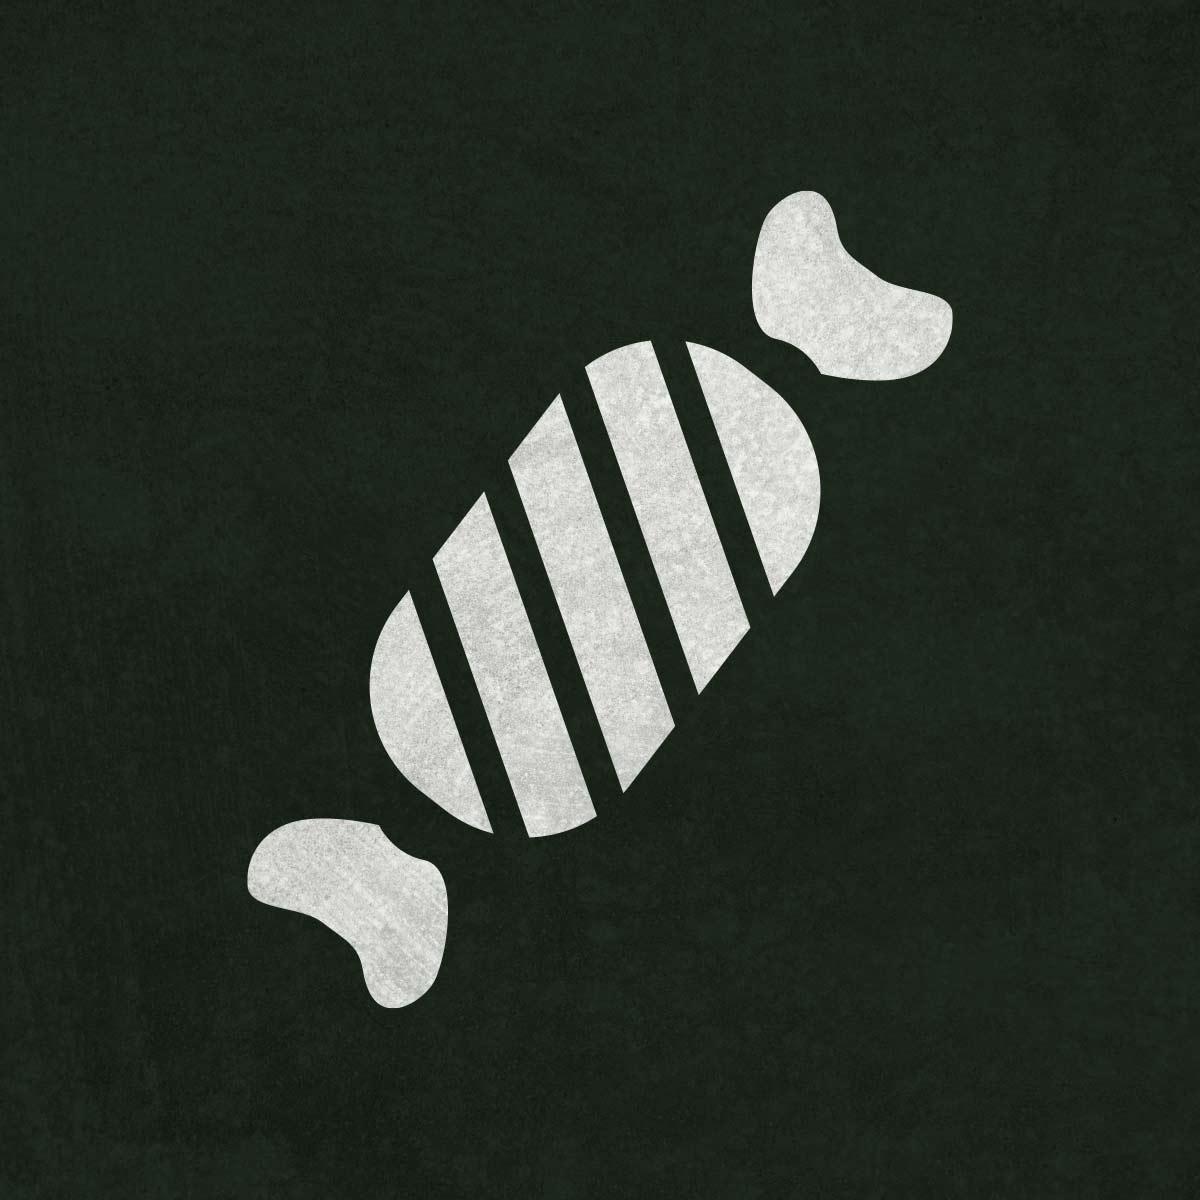 Cukierek - świąteczny szablon malarskie wielokrotnego użytku, wizualizacja na ciemnym tle